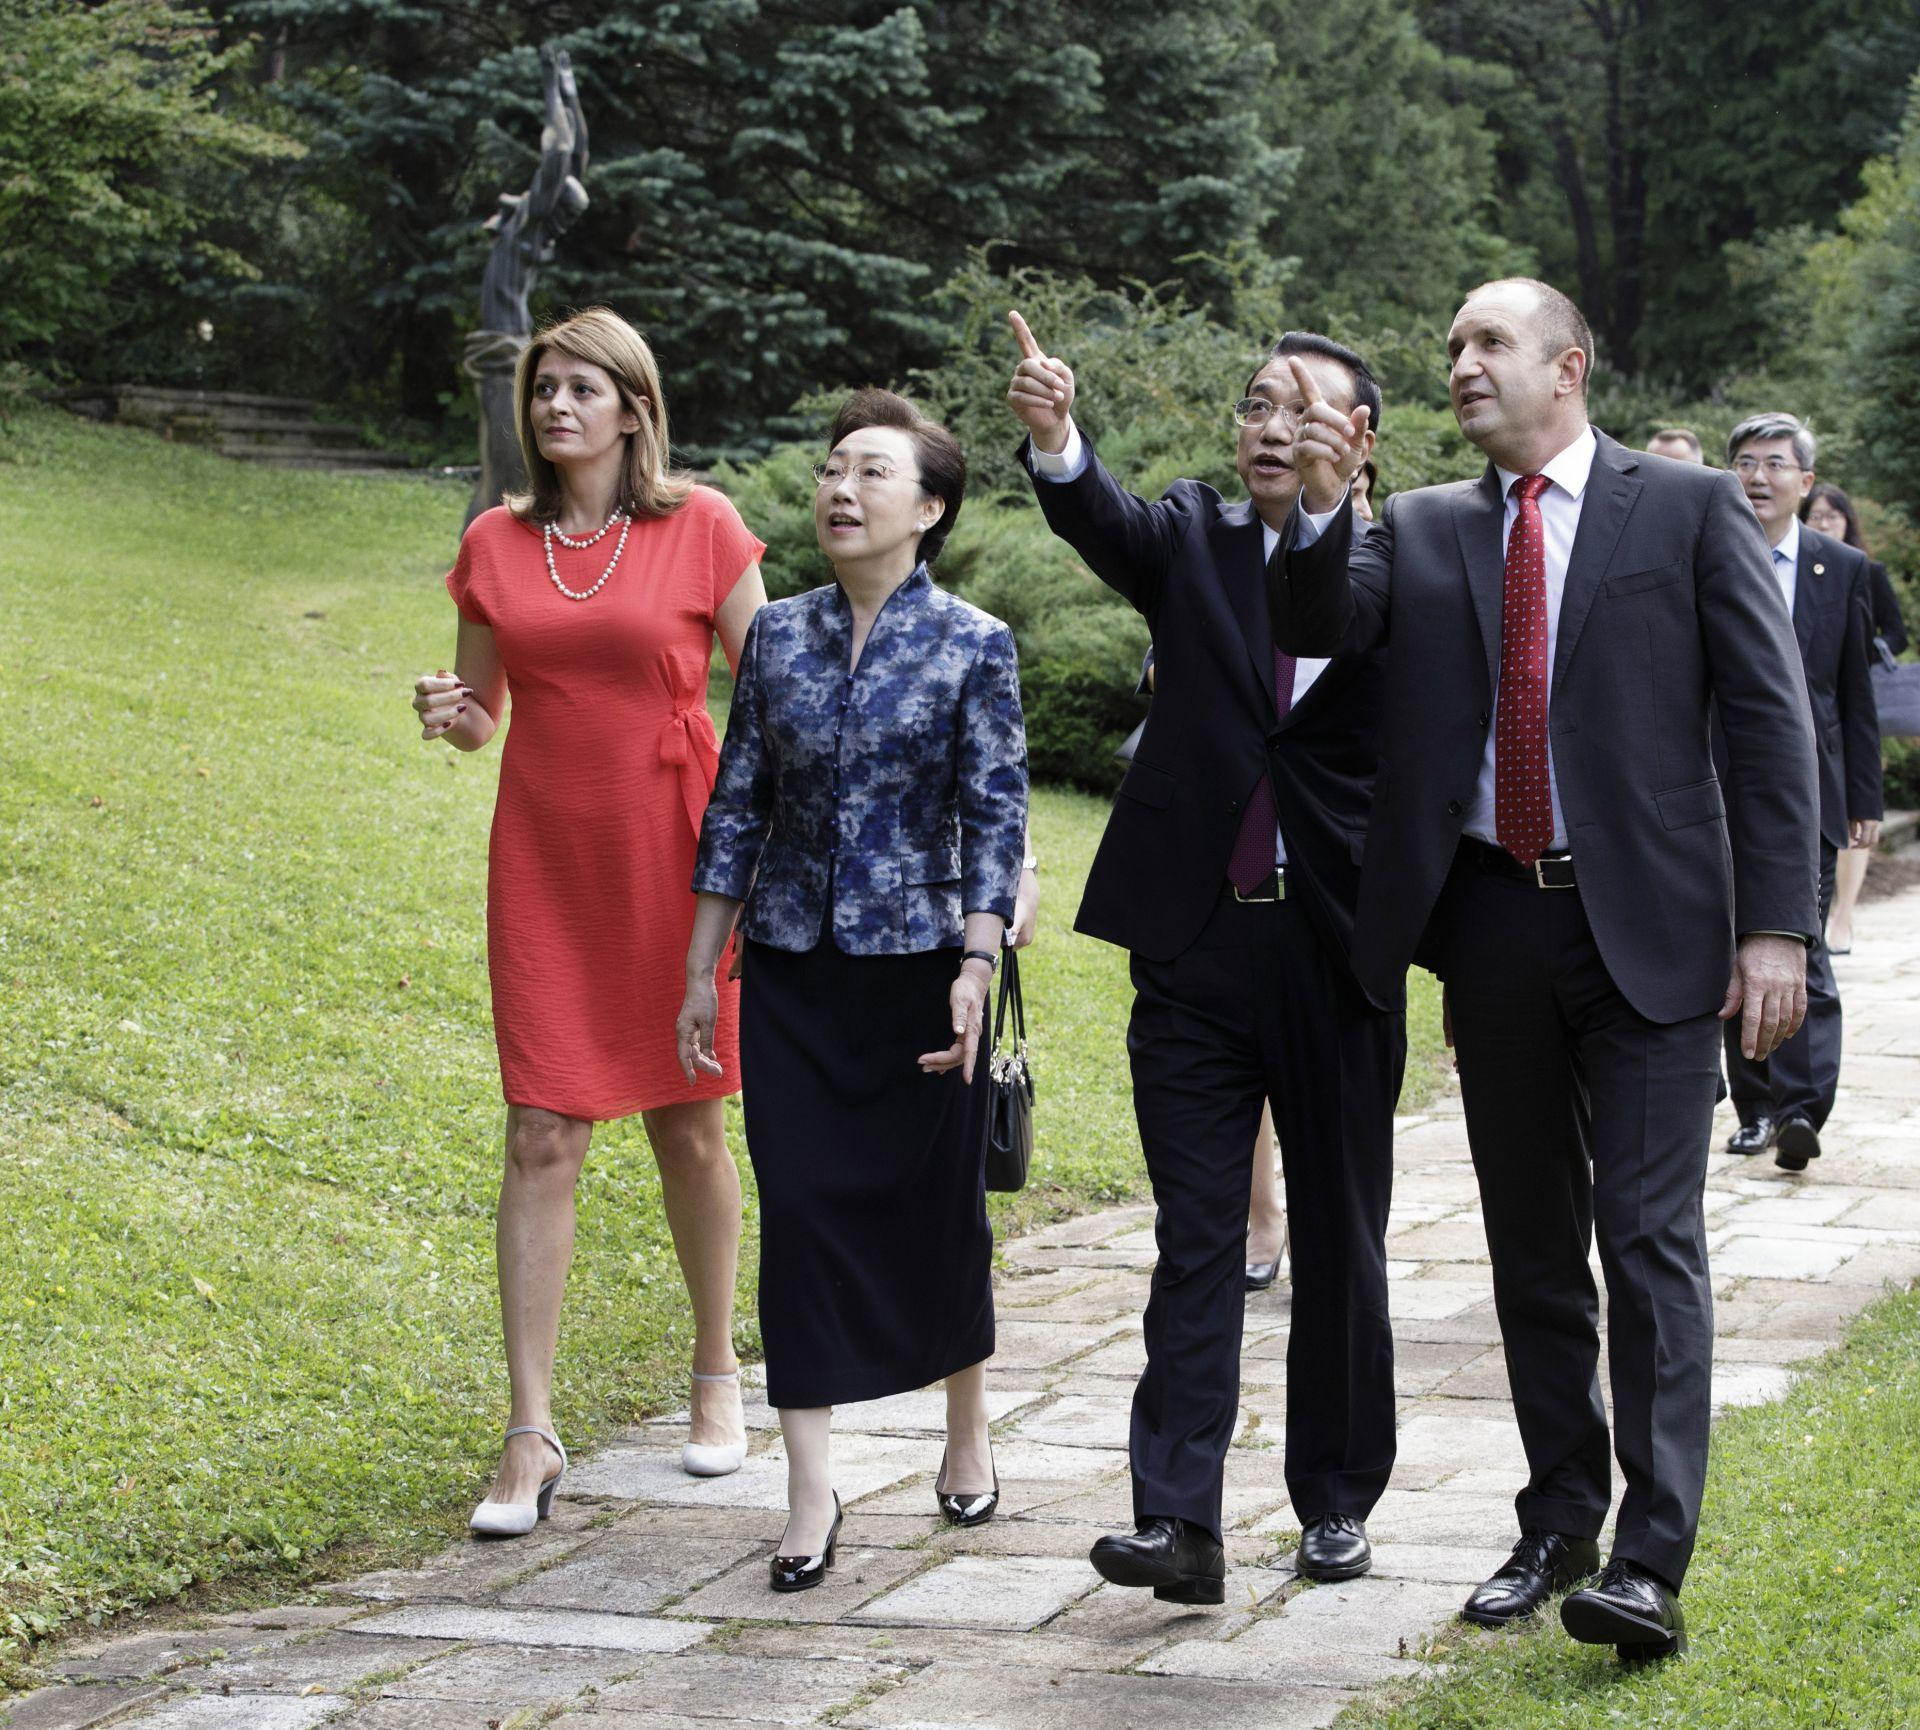 Румен Радев и неговата съпруга Десислава Радева посрещнаха китайския премиер Ли Къцян и съпругата му Чън Хон